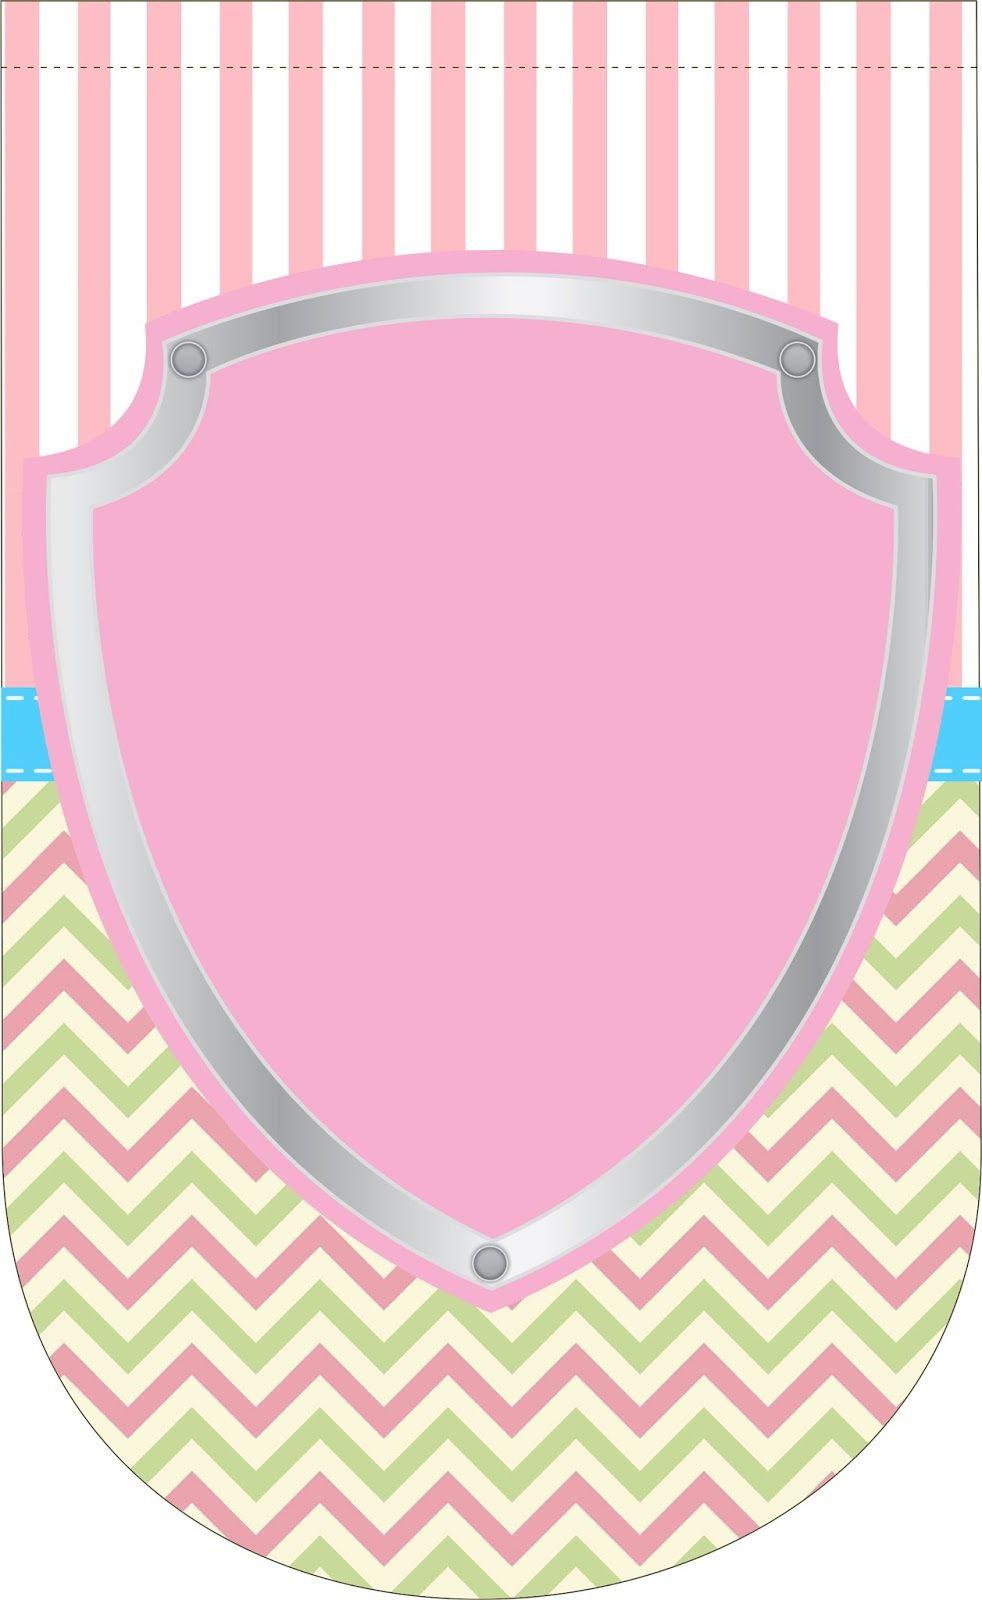 Paw Patrol For Girls Free Printable Kit Paw Patrol